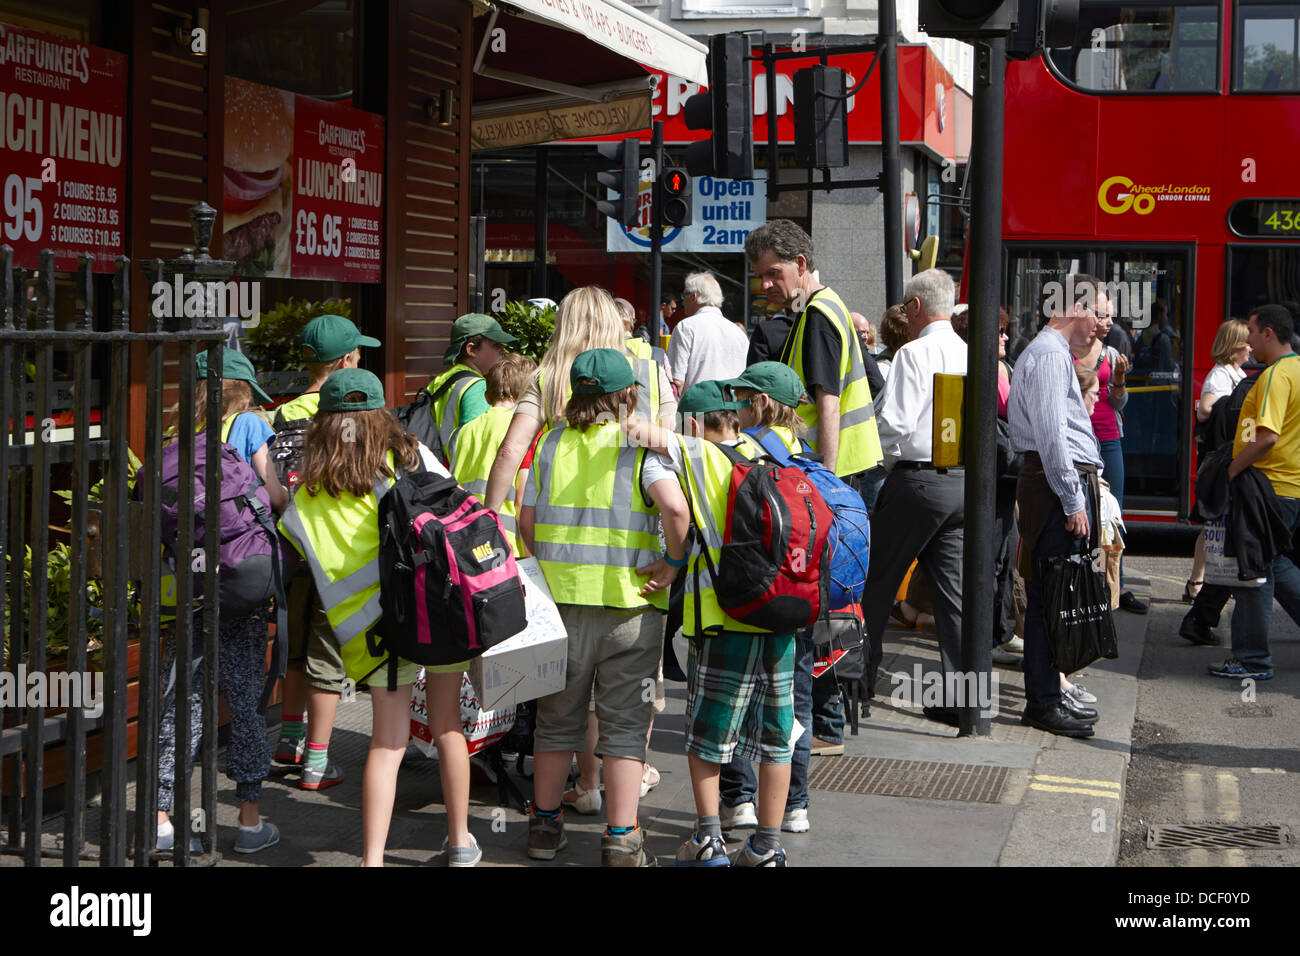 Los niños en la escuela de viaje a Londres vistiendo chalecos alta visibilidad Inglaterra Imagen De Stock